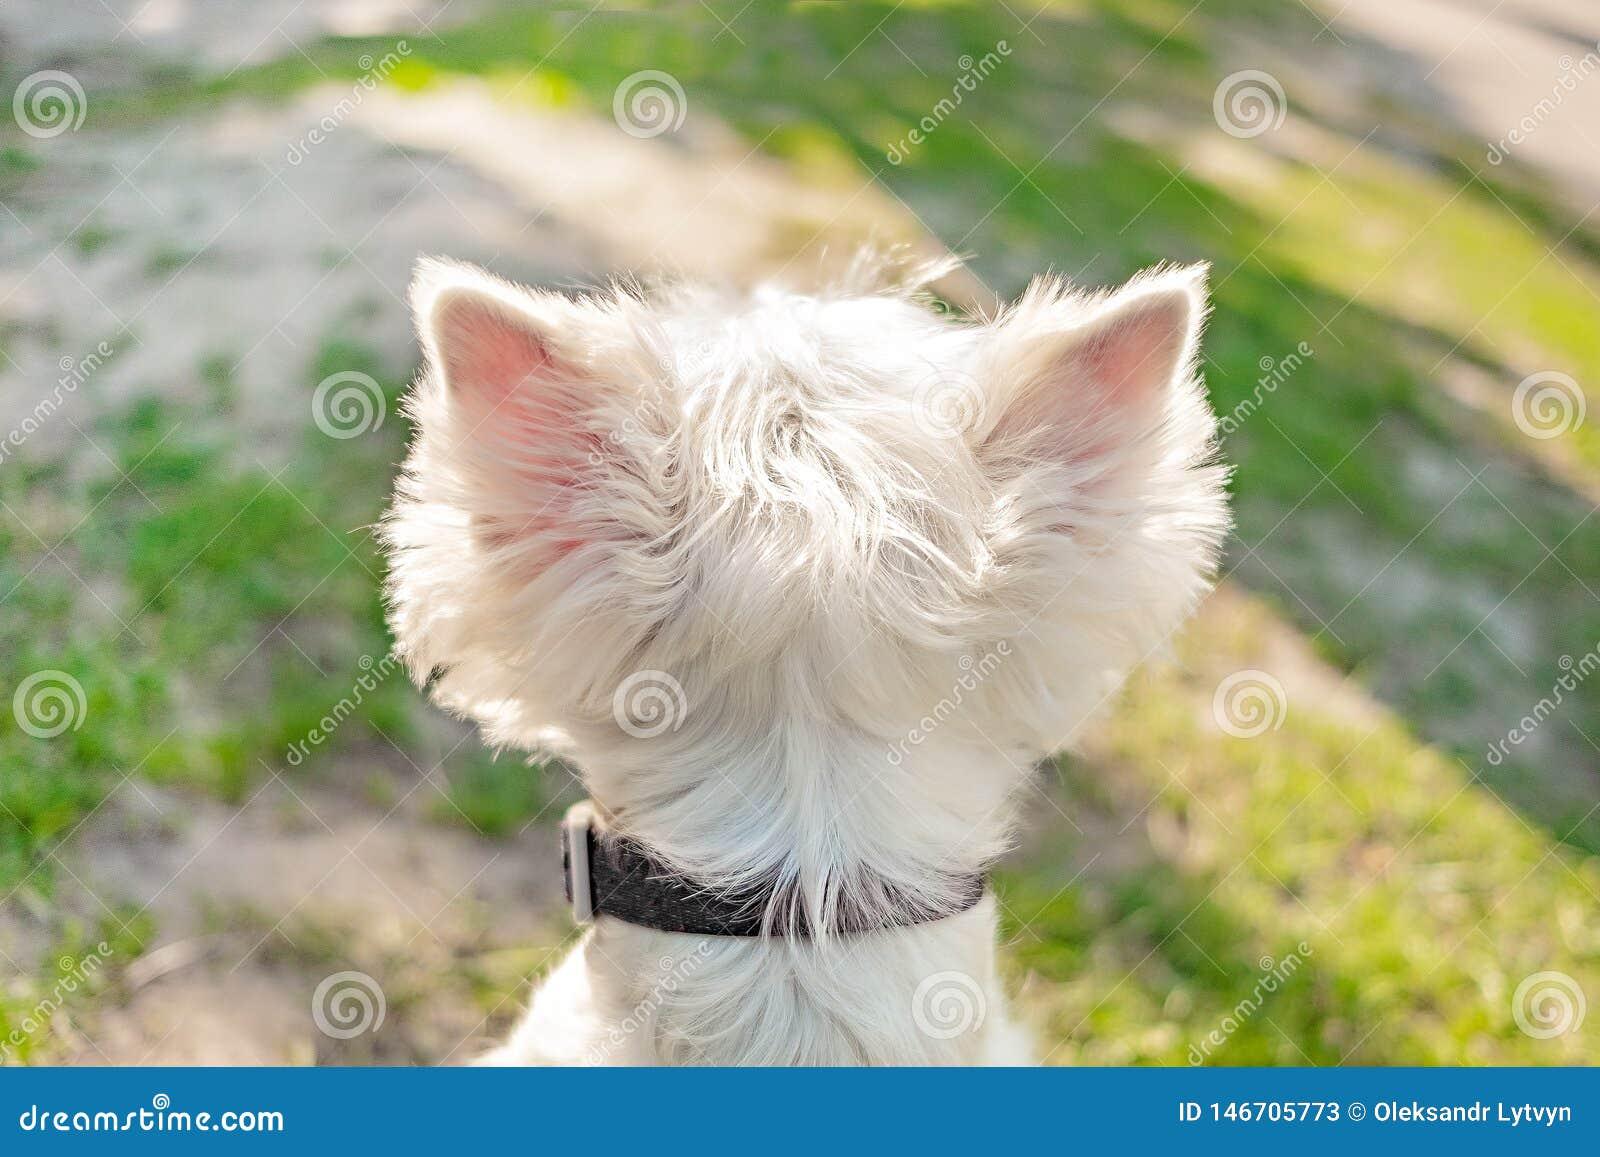 Głowa biały puszysty pies z wielkimi trójgraniastymi sterczącymi ucho